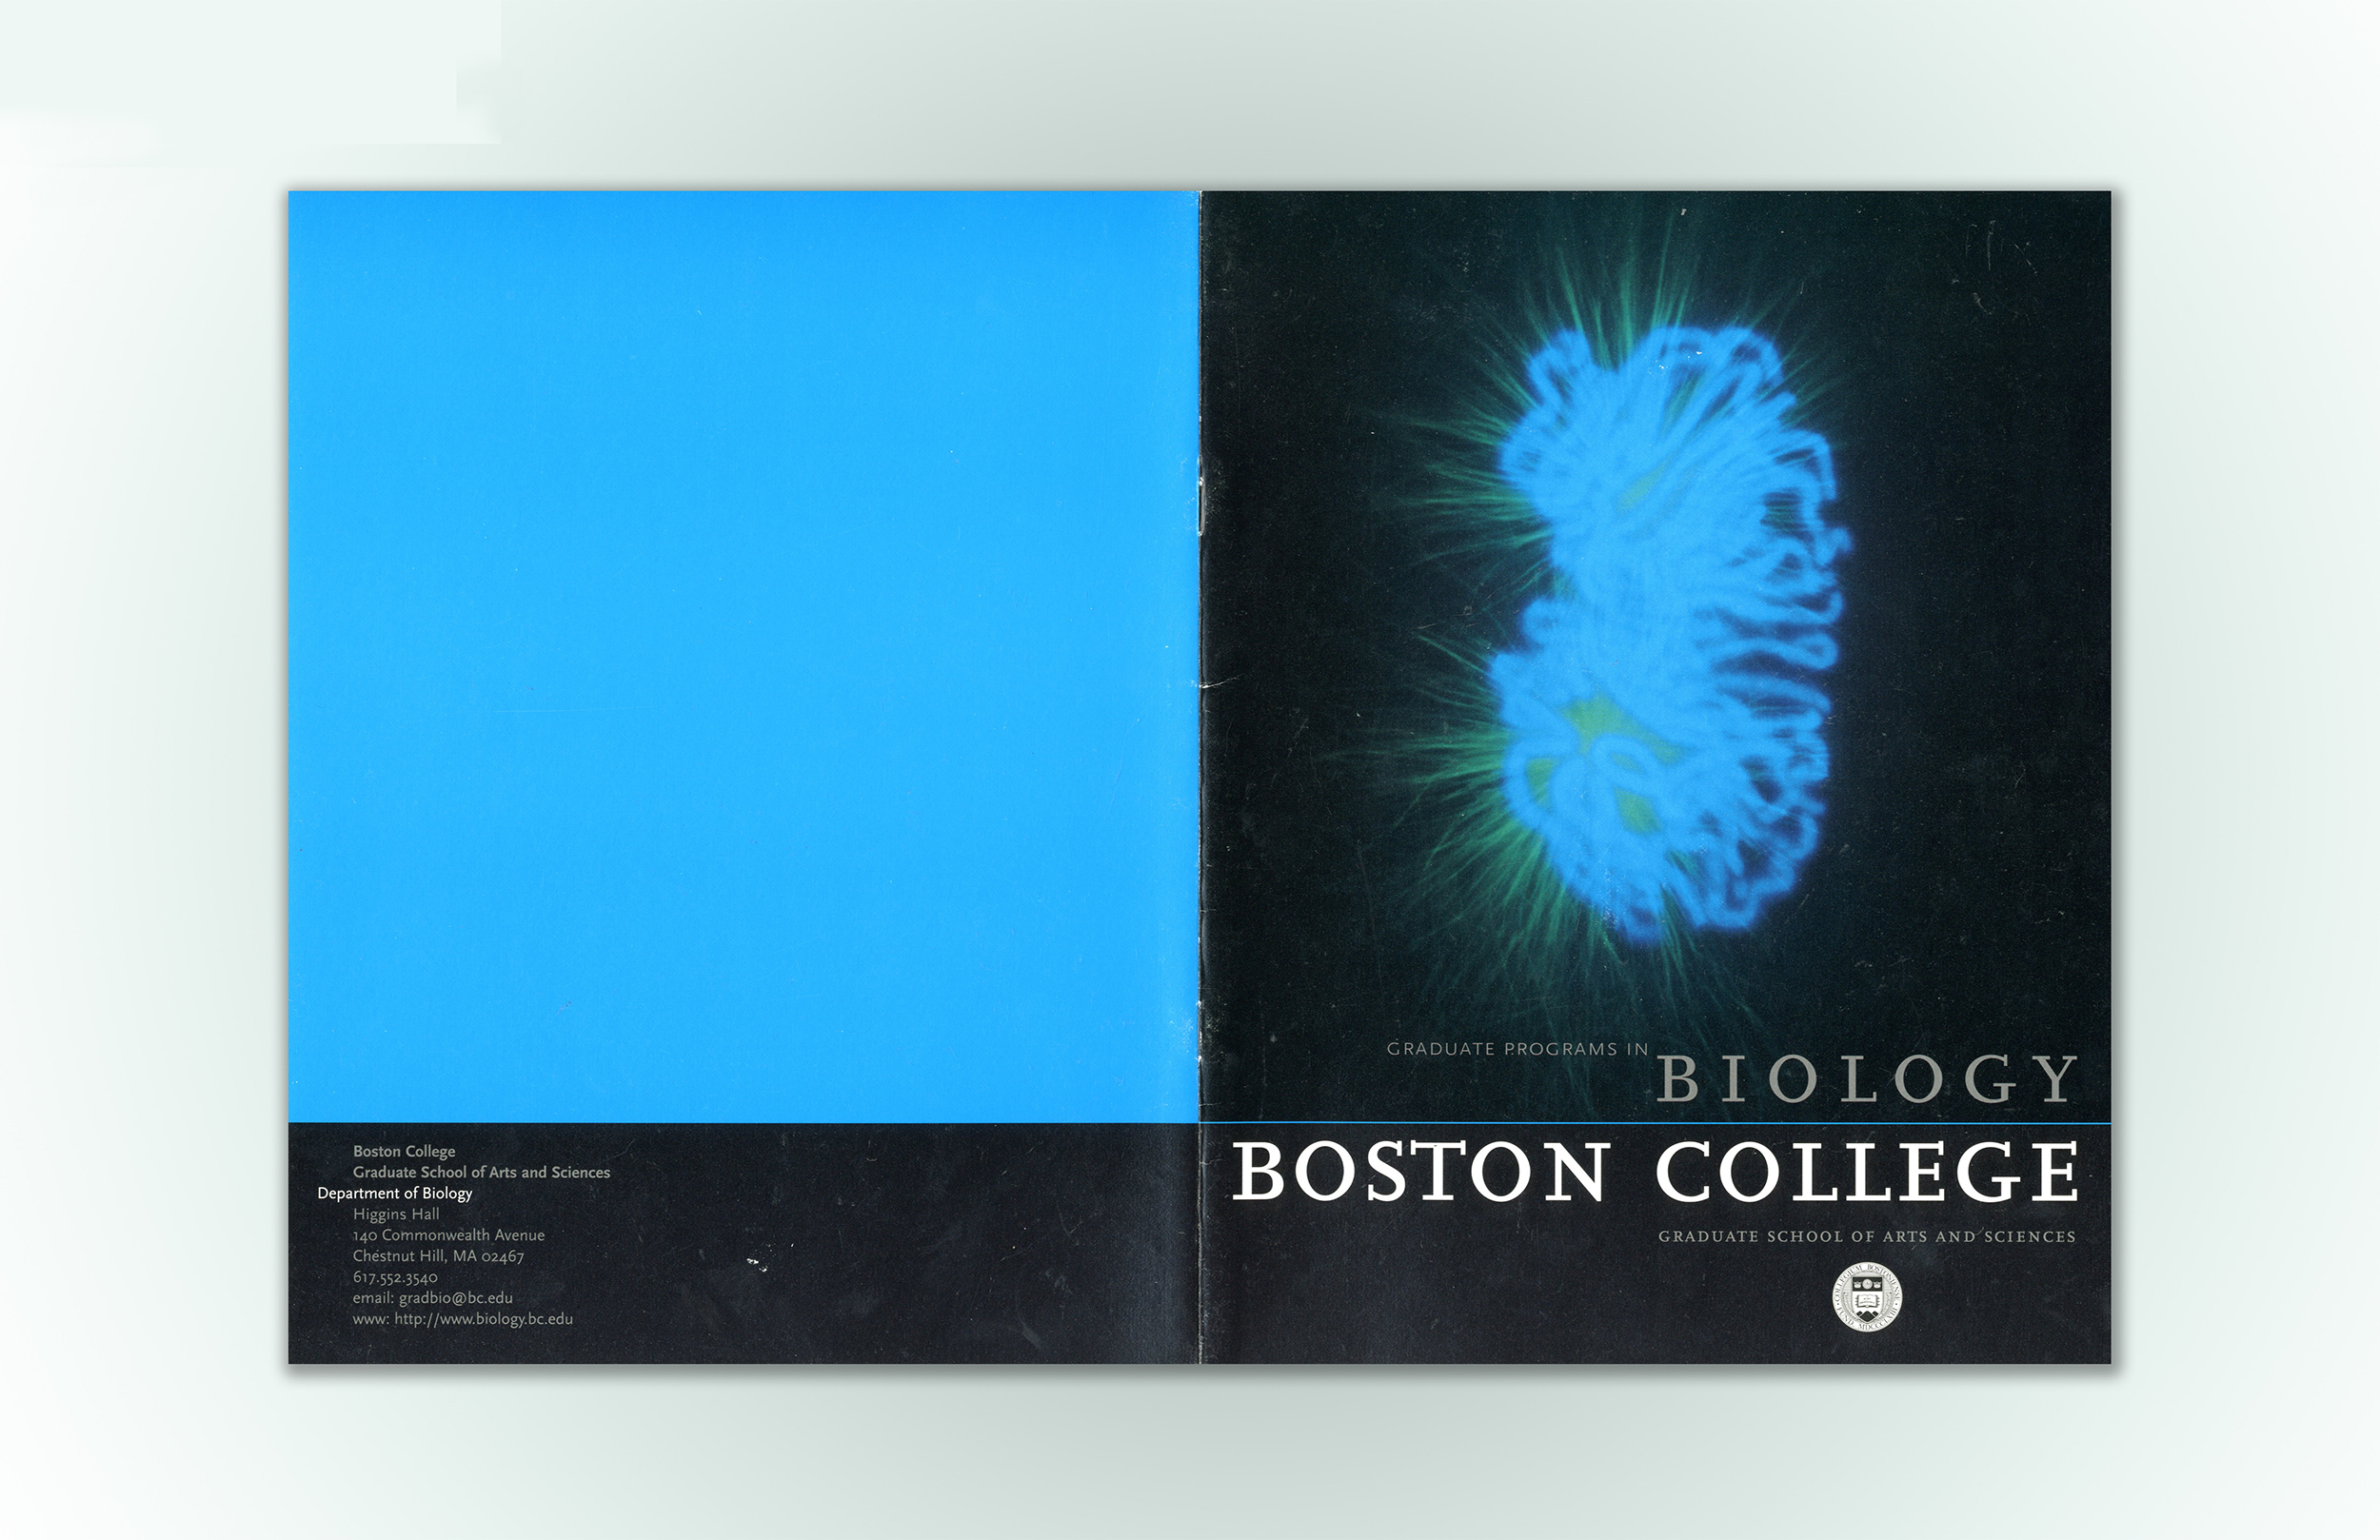 Boston College